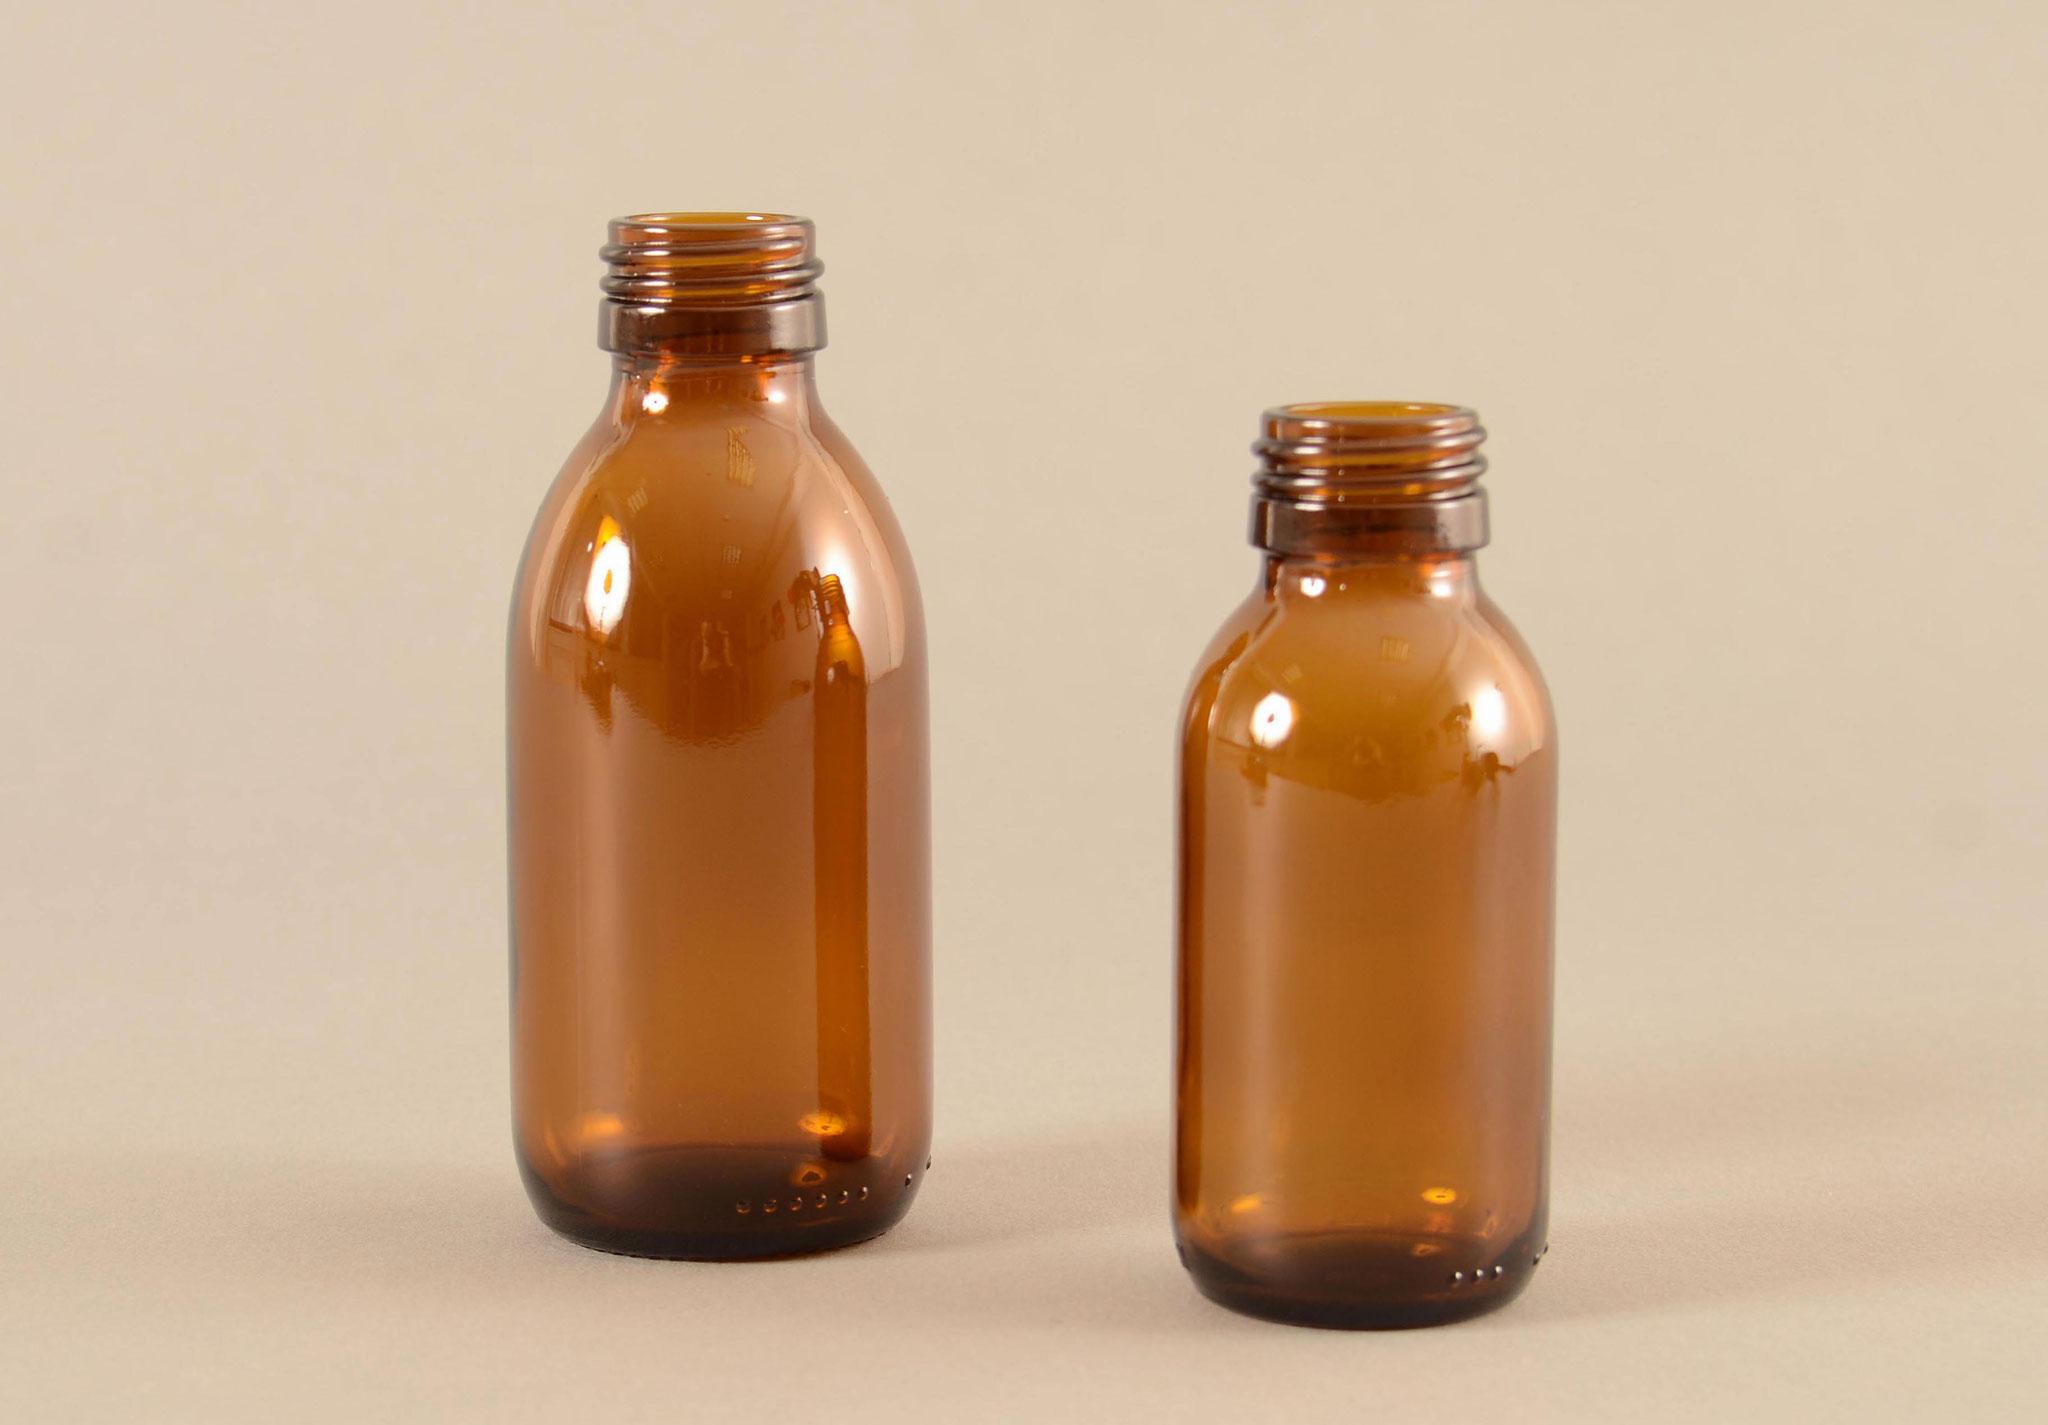 Aus dem TREFFPACK Glas Sortiment - Braunglas Sirupflasche